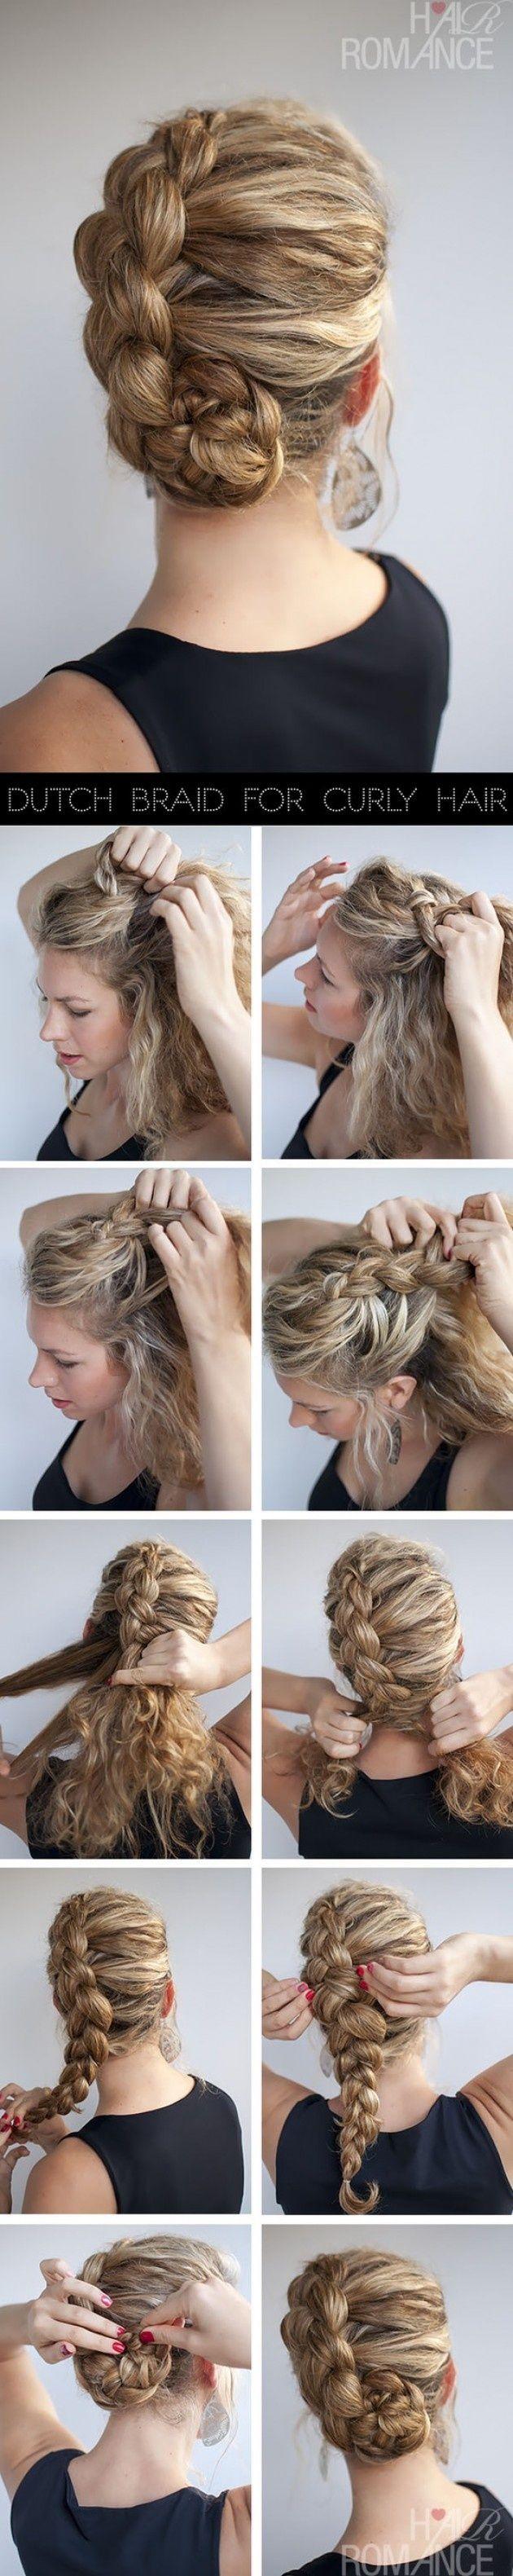 Le 5 acconciature per capelli ricci che ti presentiamo di seguito sono ottime soluzioni per tenere a bada anche le capigliature più indomabili e ingestibili. In pochi minuti puoi realizzare eleganti chignon e pratiche trecce